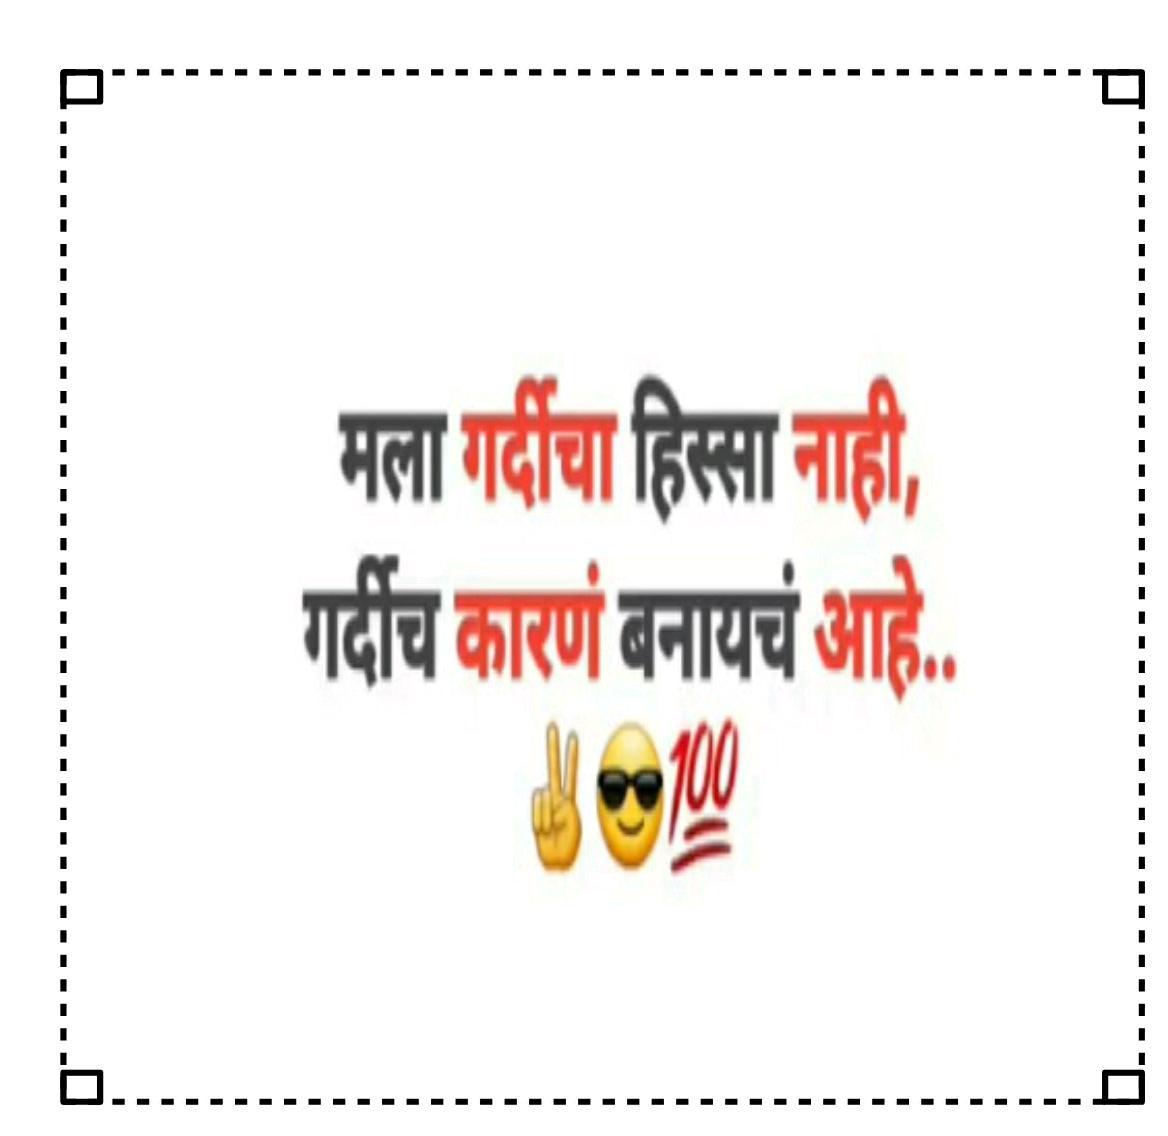 Marathi attitude status text Marathi angry attitude status Marathi alone attitude status Marathi a attitude status